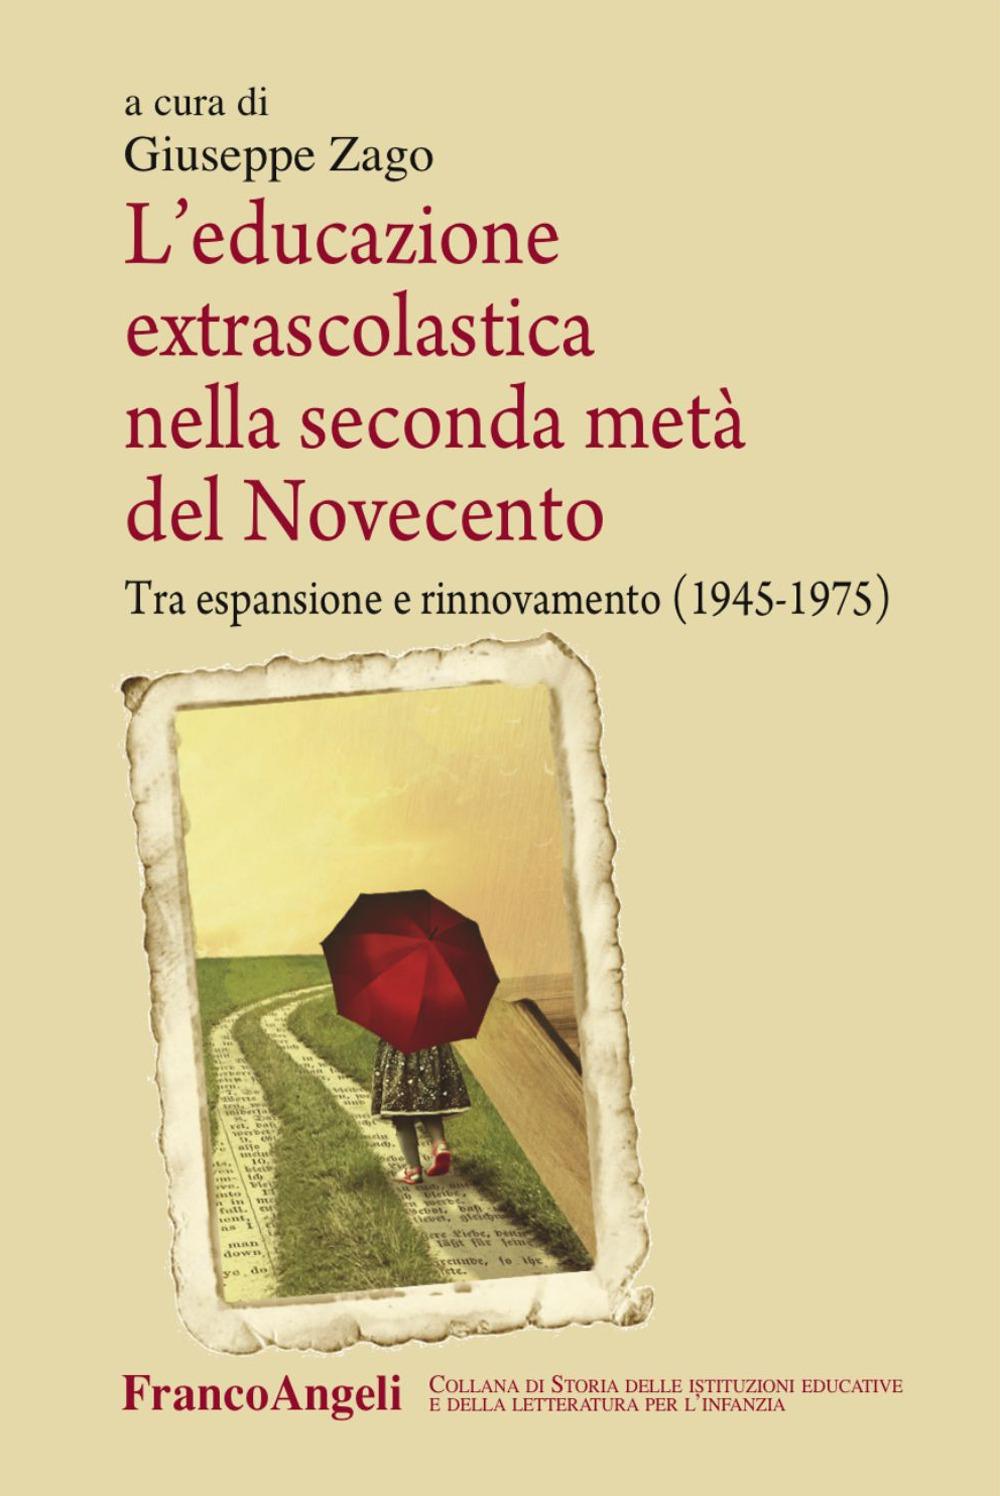 Image of L' educazione extrascolastica nella seconda metà del Novecento. Tra espansione e rinnovamento (1945-1975)